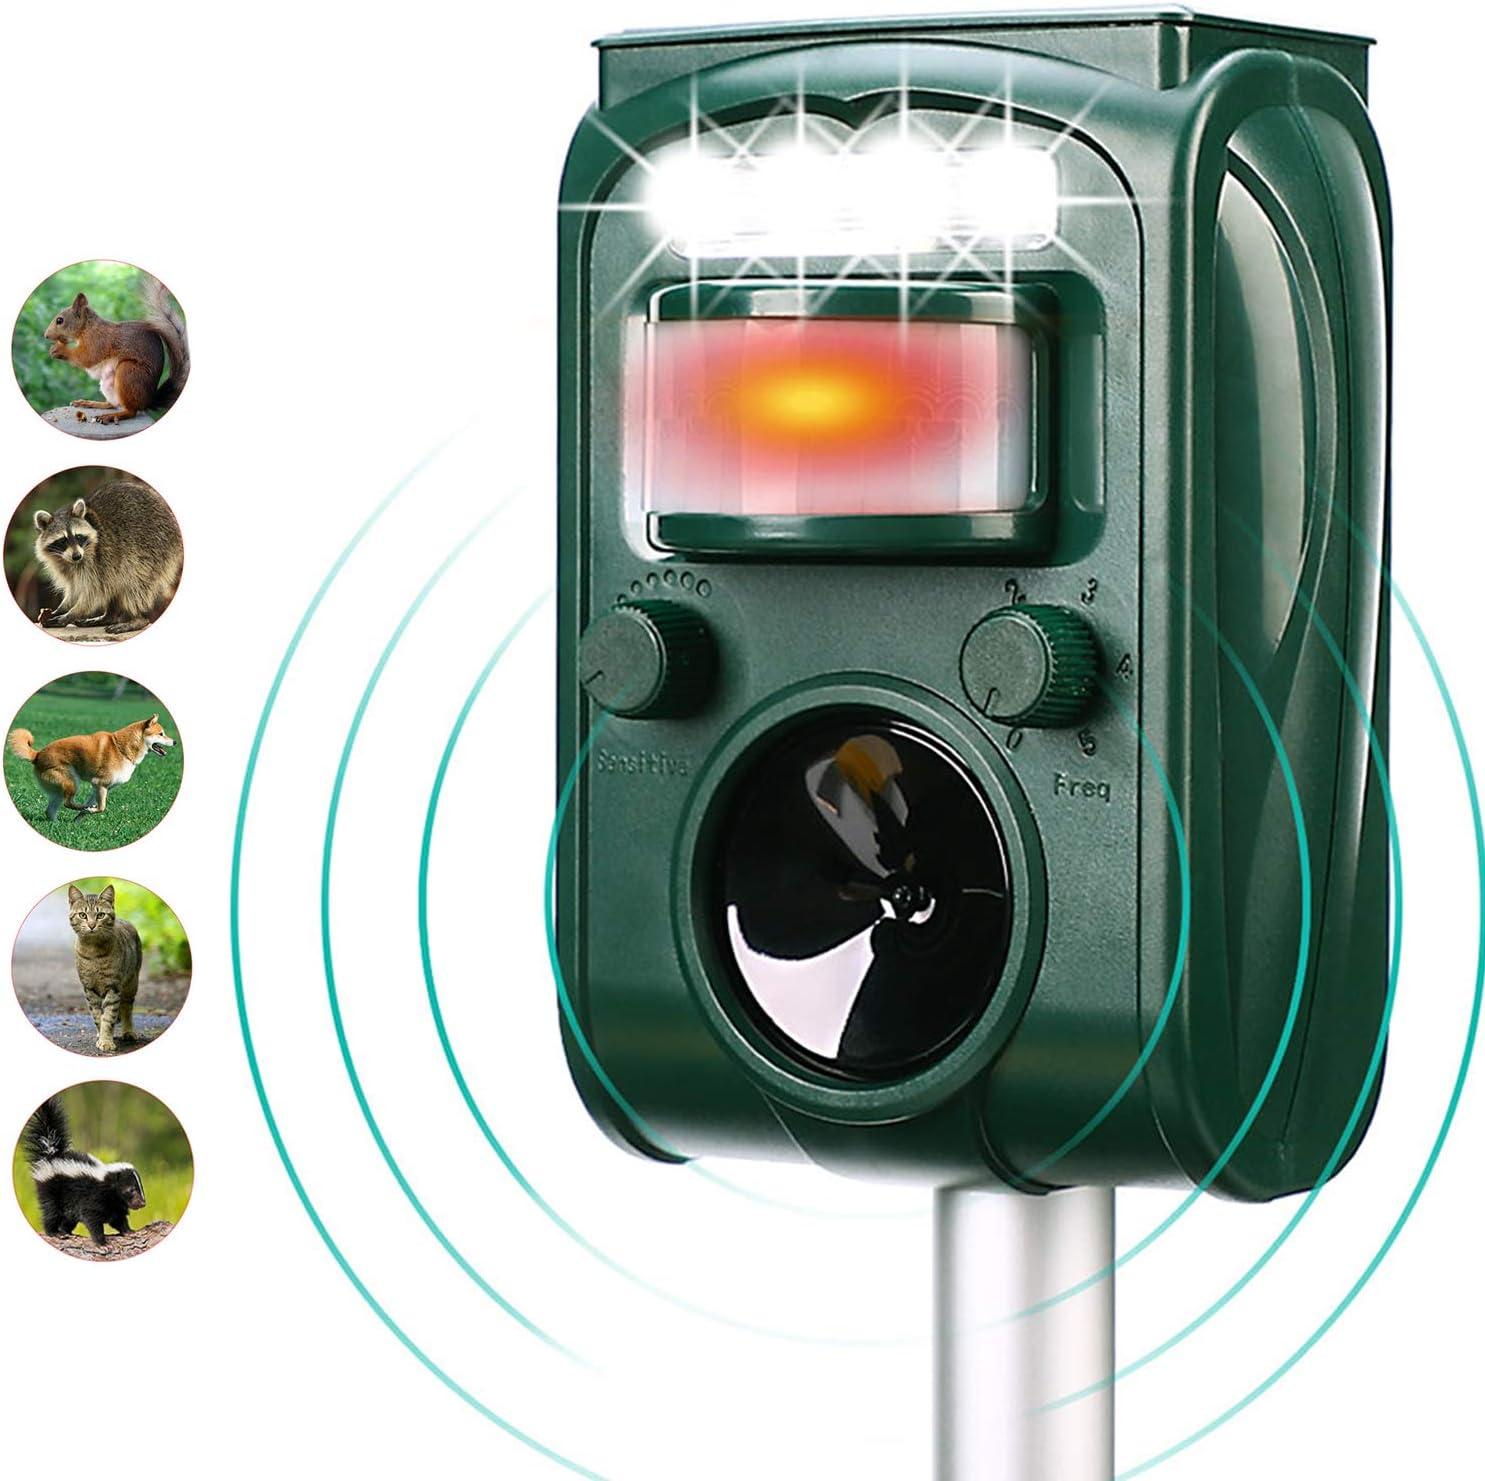 Aspectek Solar-Powered Ultrasonic Animal and Bird Repeller